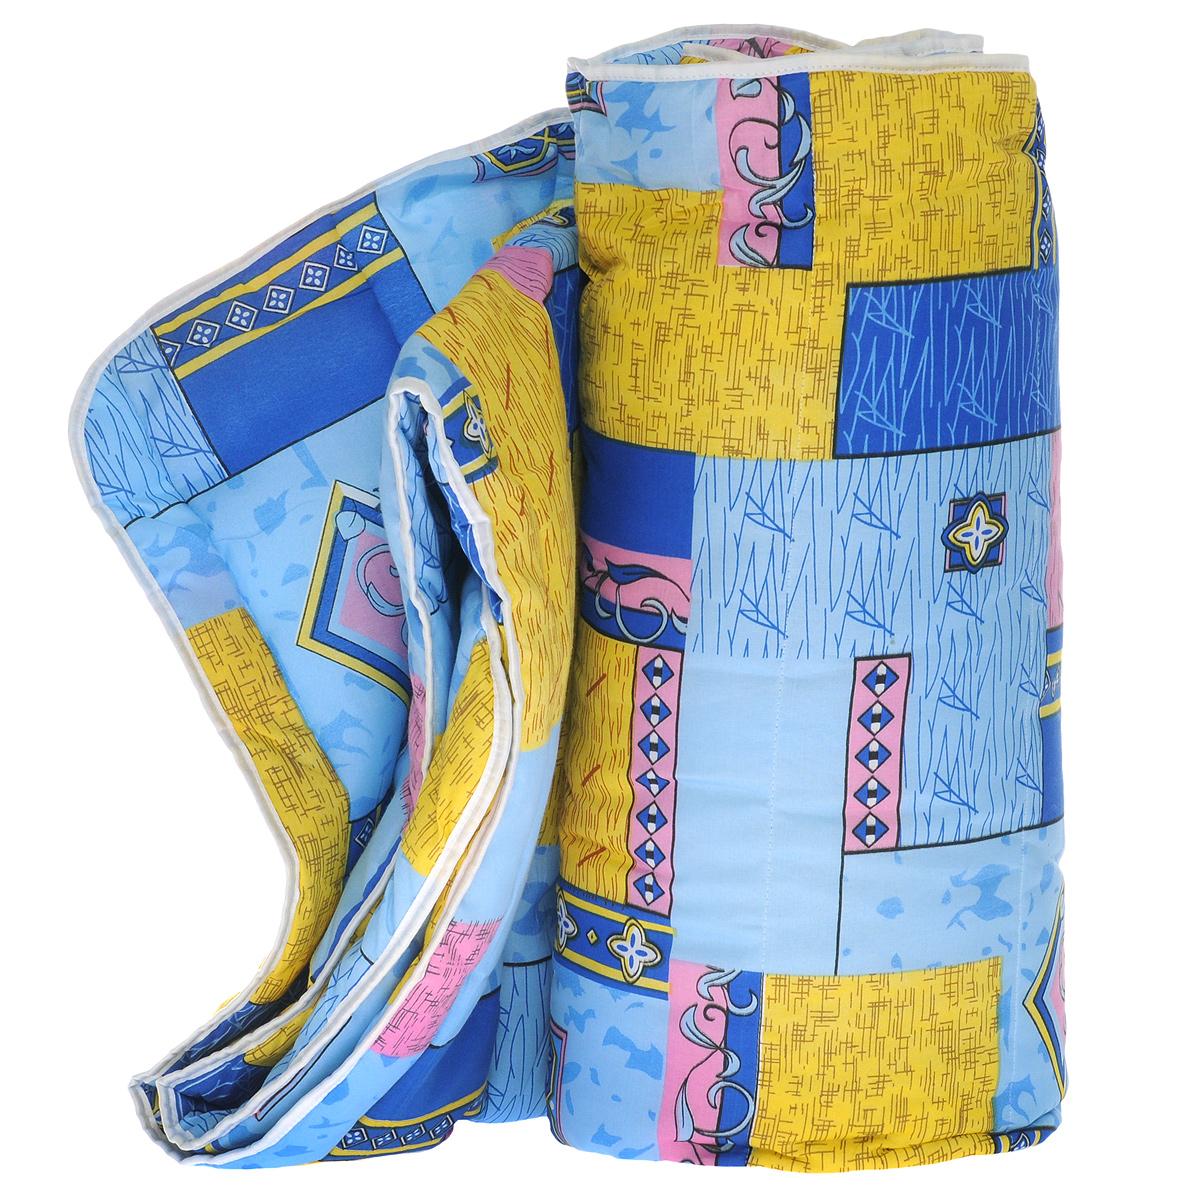 Одеяло облегченное OL-Tex Miotex, наполнитель: полиэфирное волокно Holfiteks, 220 х 200 см, в ассортиментеМХПЭ-22-2Облегченное одеяло OL-Tex Miotex создаст комфорт и уют во время сна. Чехол выполнен из полиэстера и оформлен красочным рисунком. Внутри - современный наполнитель из полиэфирного высокосиликонизированного волокна Holfiteks, упругий и качественный. Прекрасно держит тепло. Одеяло с наполнителем Holfiteks легкое и комфортное. Даже после многократных стирок не теряет свою форму, наполнитель не сбивается, так как одеяло простегано и окантовано. Не вызывает аллергии. Holfiteks - это возможность легко ухаживать за своими постельными принадлежностями. Можно стирать в машинке, изделия быстро и полностью высыхают - это обеспечивает гигиену спального места при невысокой цене на продукцию. Рекомендации по уходу: - Ручная и машинная стирка при температуре 30°С. - Не гладить. - Не отбеливать.- Нельзя отжимать и сушить в стиральной машине. - Сушить вертикально. Размер одеяла: 220 см х 200 см.Материал чехла: 100% полиэстер.Материал наполнителя: полиэфирное высокосиликонизированное волокно Holfiteks. УВАЖАЕМЫЕ КЛИЕНТЫ! Обращаем ваше внимание на возможные изменения в дизайне товара - расцветка и рисунок могут отличаться от изображения, представленного на сайте. Поставка осуществляется в зависимости от наличия на складе.